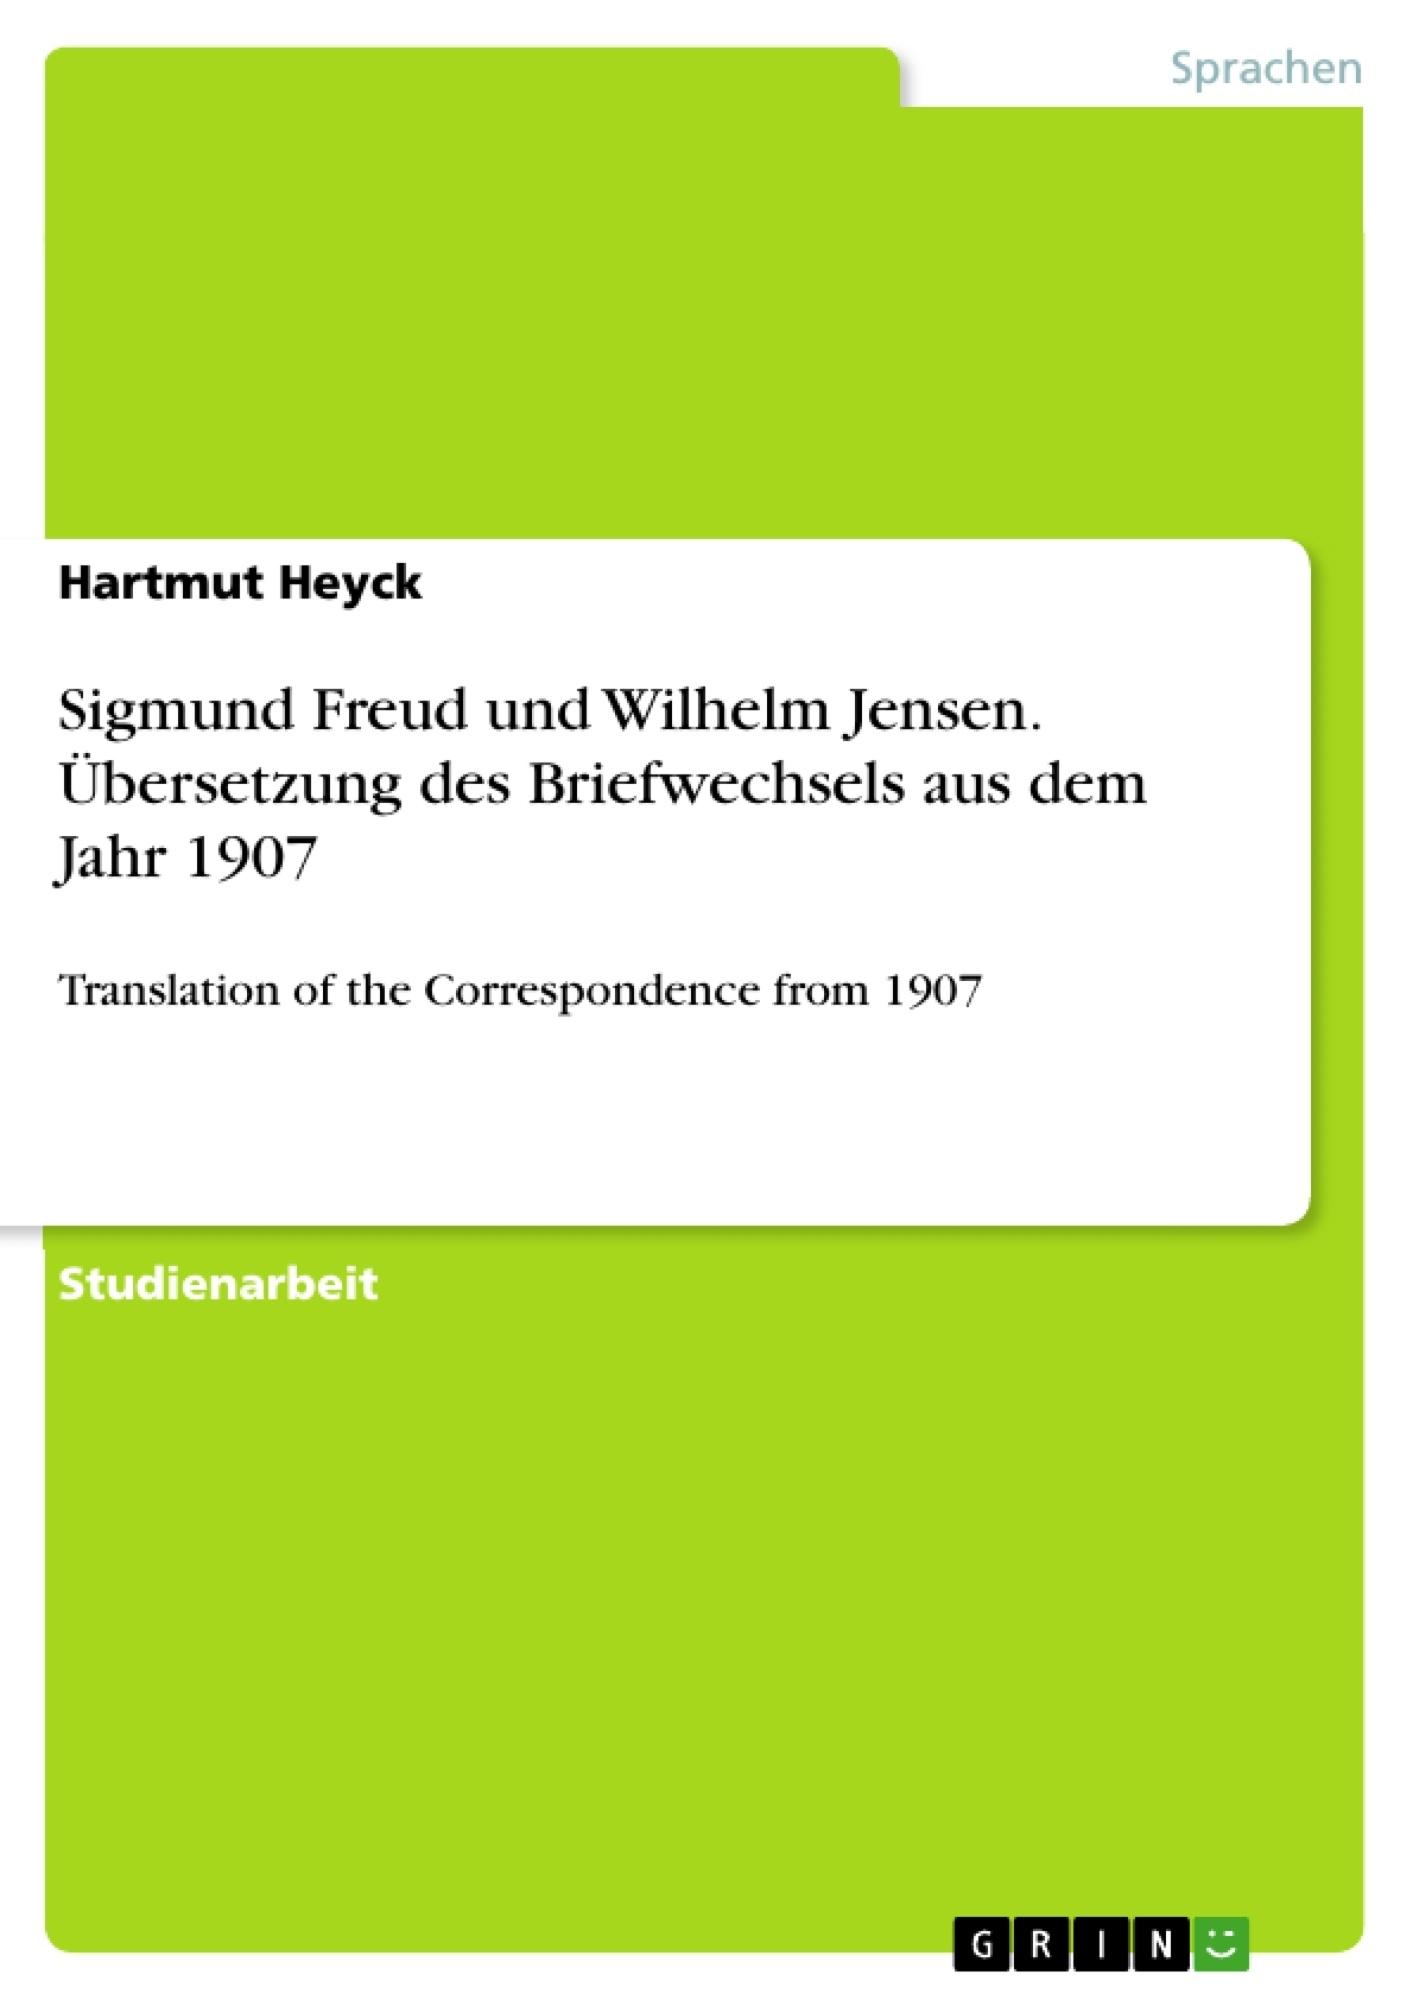 Titel: Sigmund Freud und Wilhelm Jensen. Übersetzung des Briefwechsels aus dem Jahr 1907